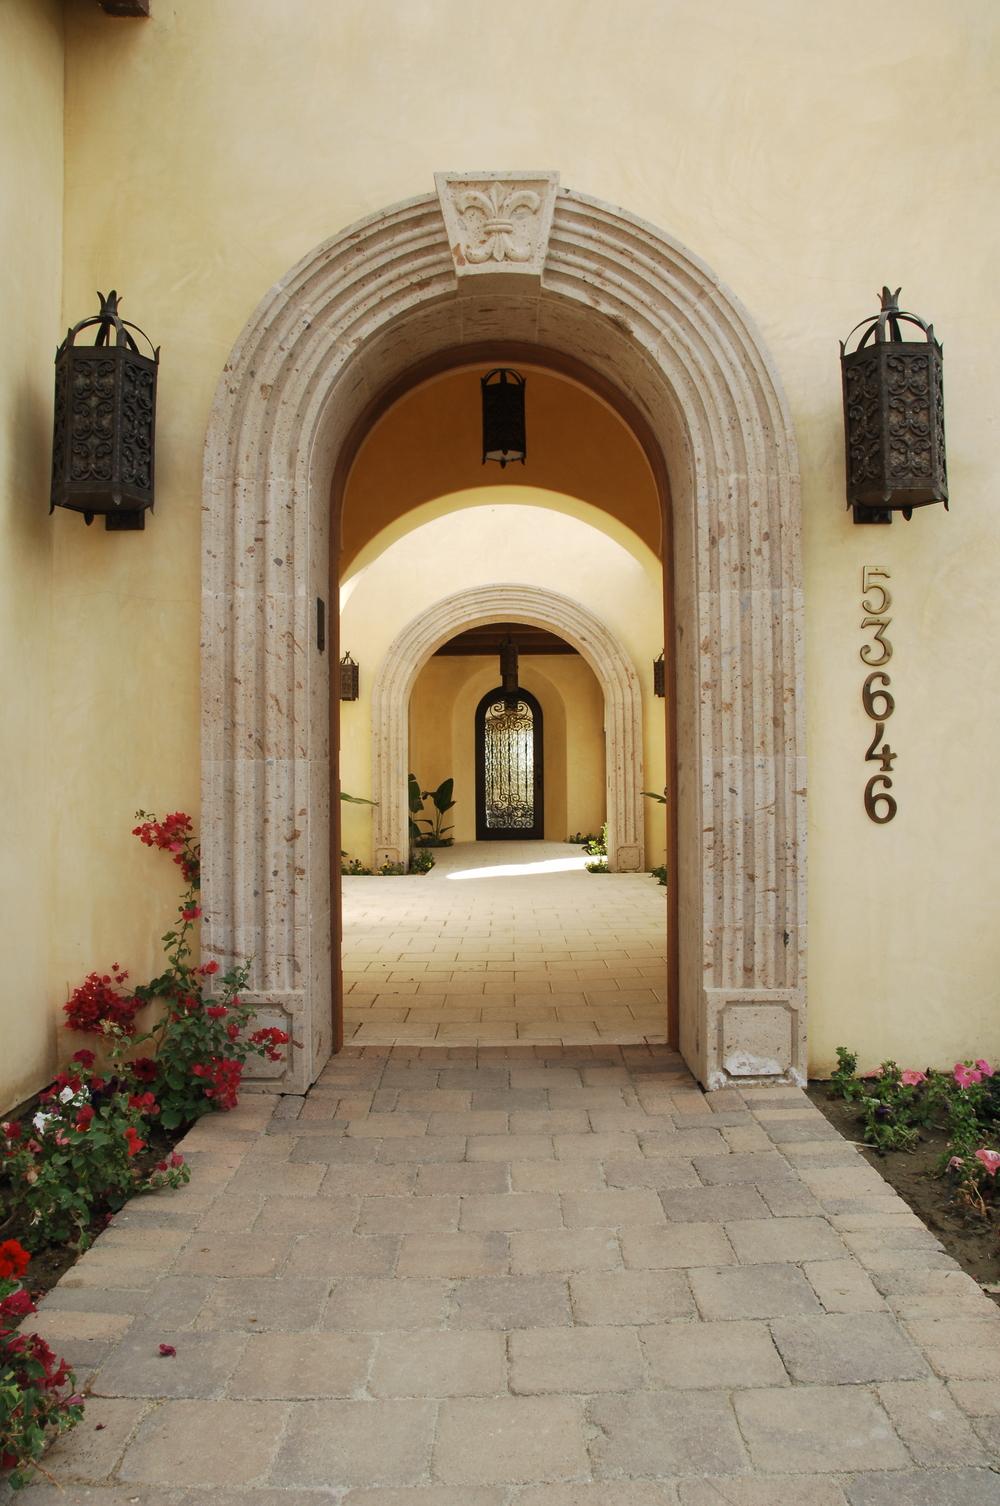 Cantera Stone Arch Surrounds & Molding / Surrounds - Cantera Stone \u0026 Limestone Architectural Designs